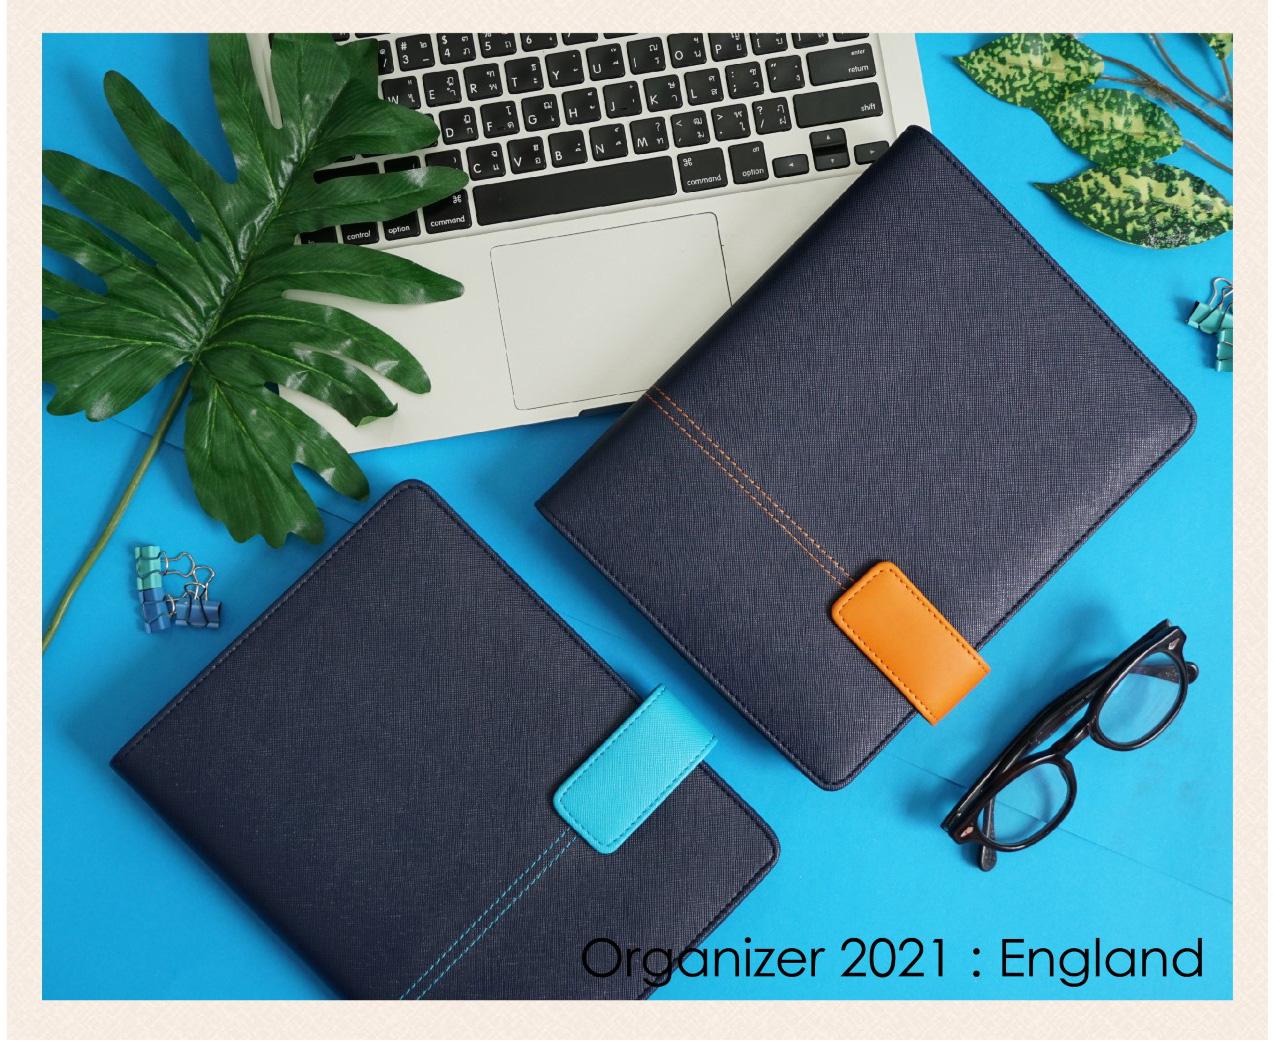 สมุดออร์กาไนเซอร์  Organizer  : OR 2021 England